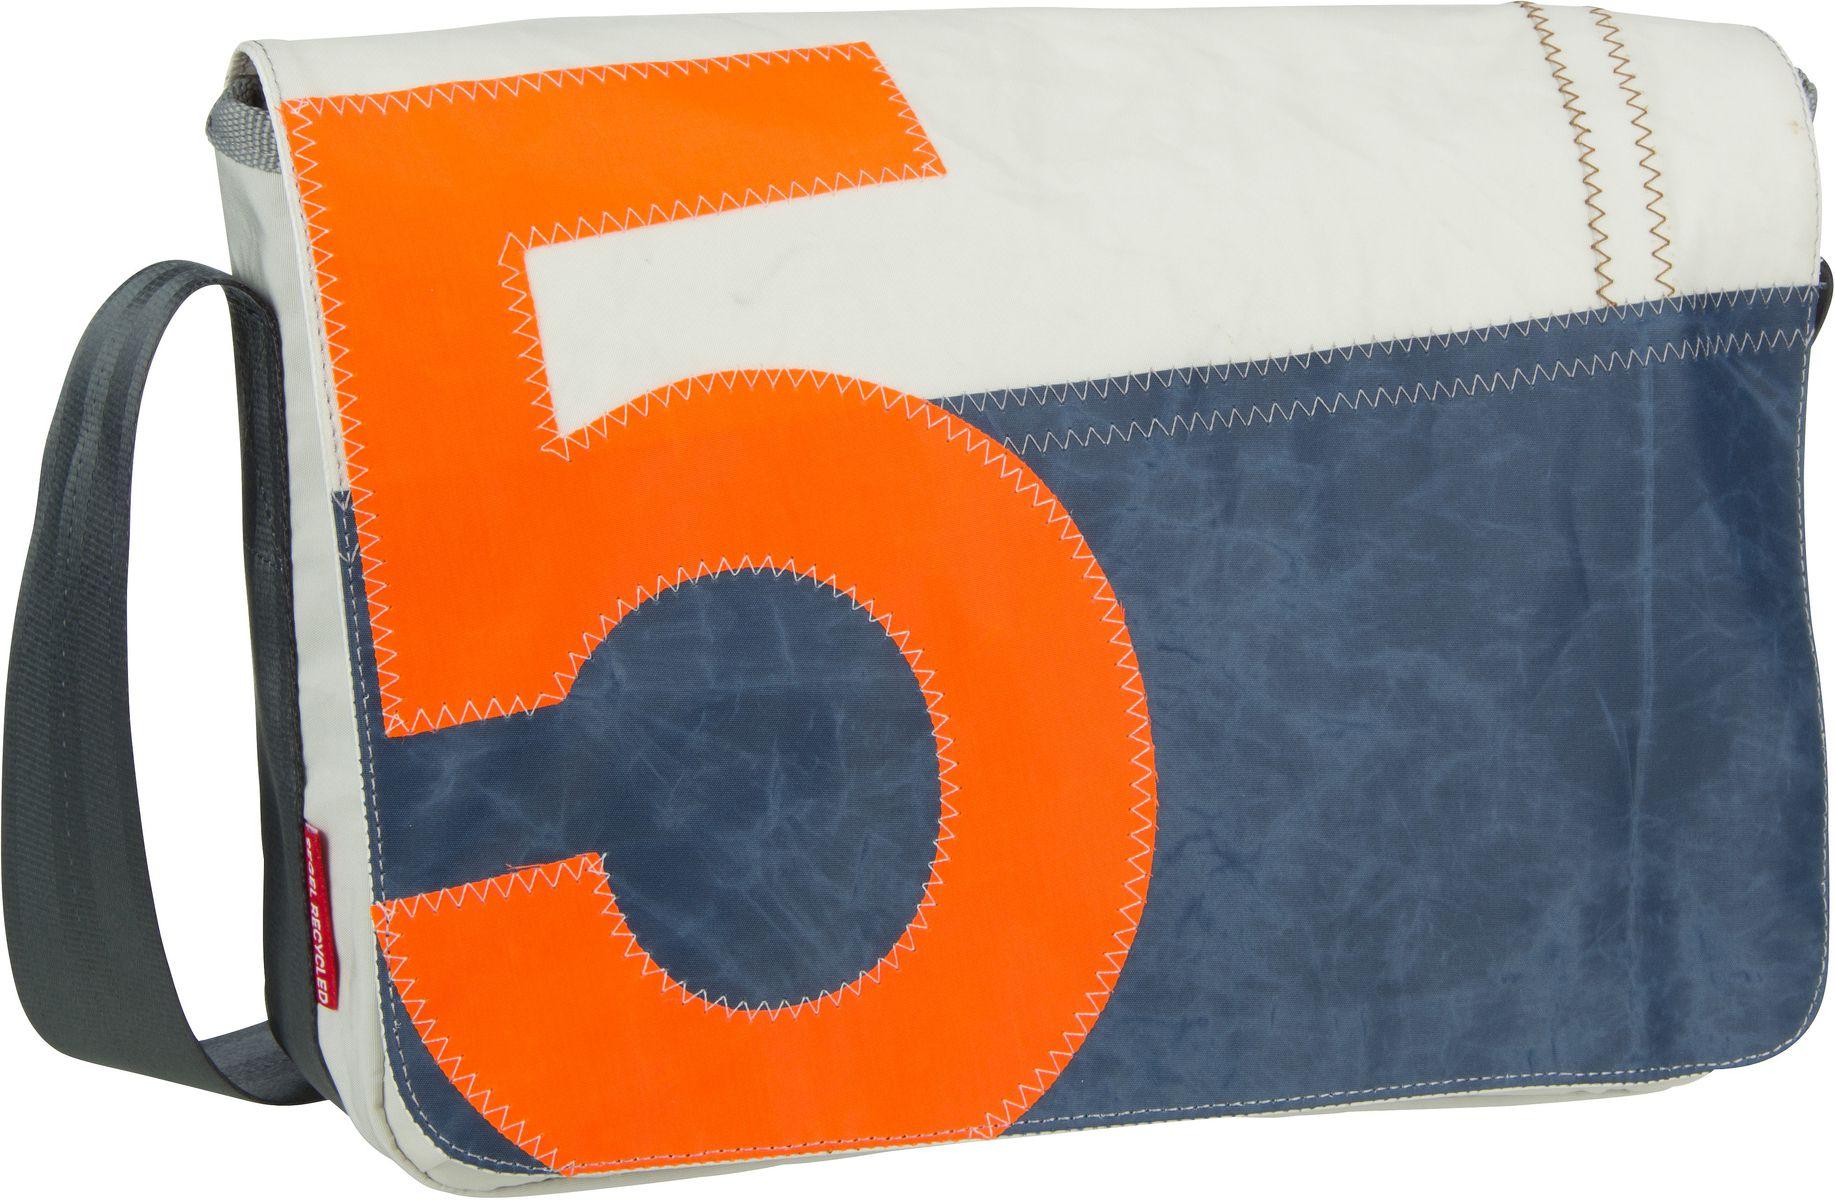 Umhängetasche Barkasse Mini Blau mit oranger Zahl (15 Liter)